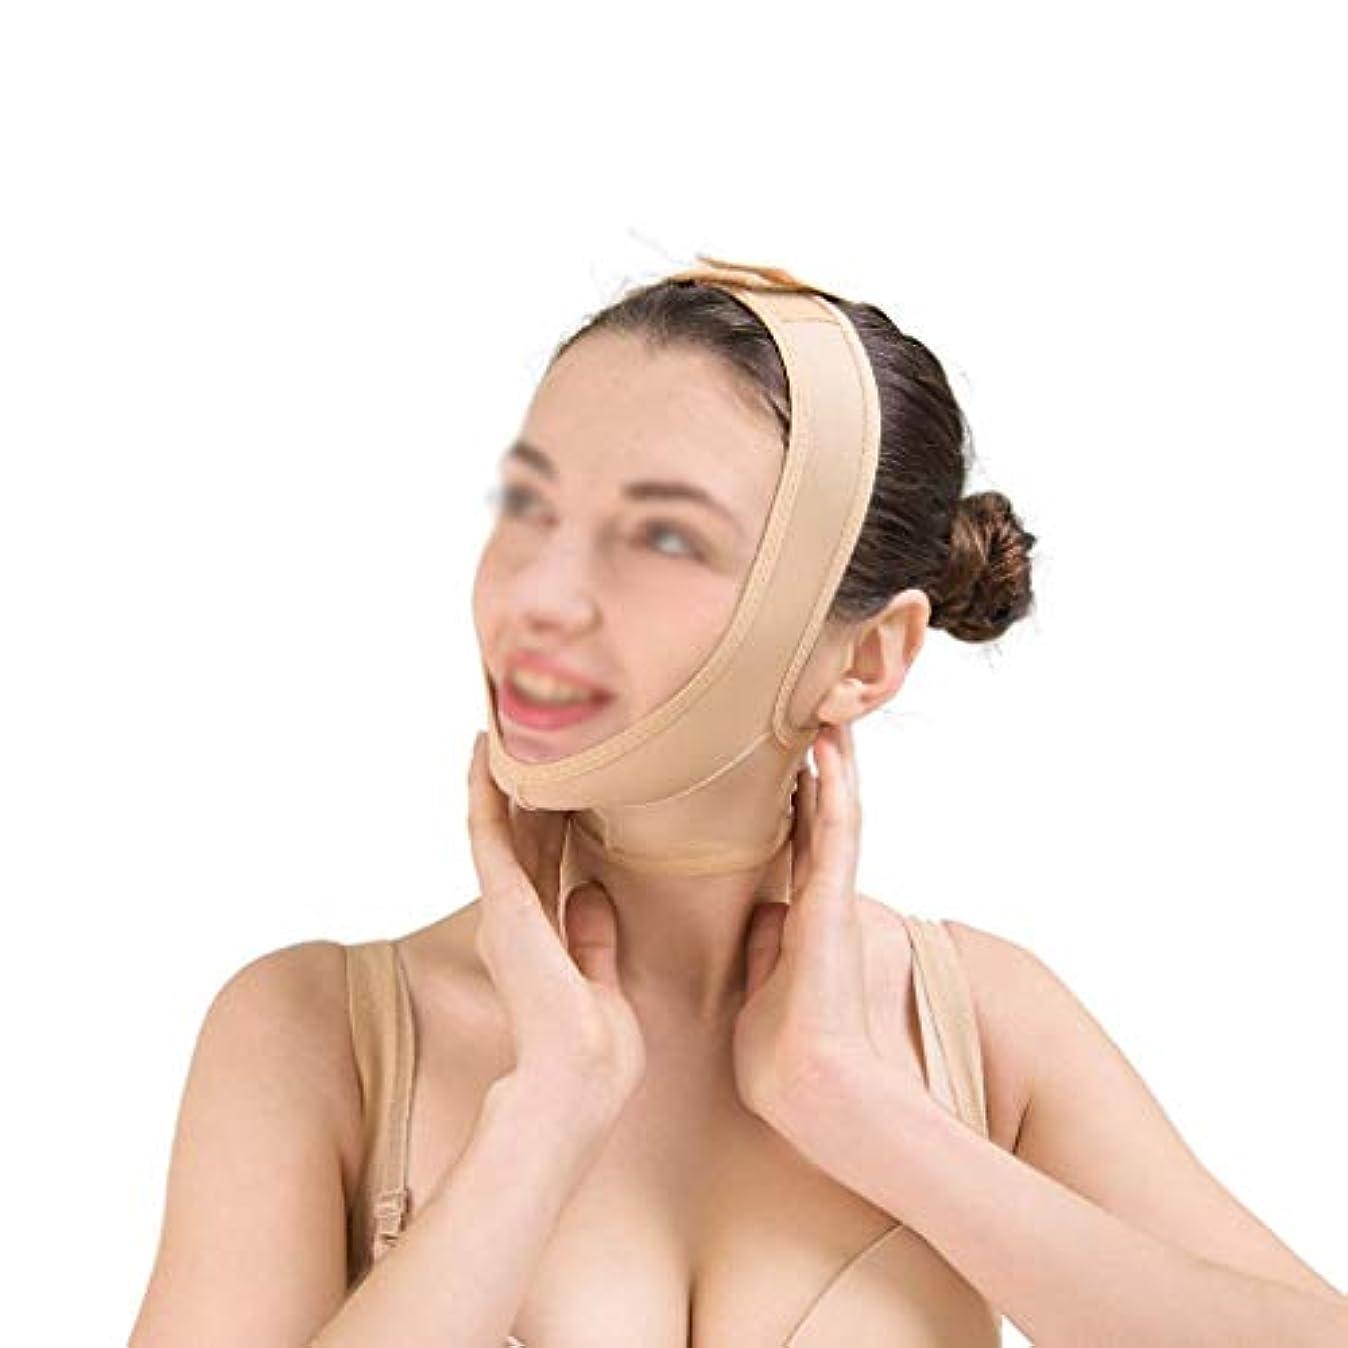 帝国花粘り強いダブルチンストラップ、包帯の持ち上げ、肌の包帯の持ち上げと引き締め フェイスマスク、快適で 顔の持ち上がるマスク(サイズ:S),XL